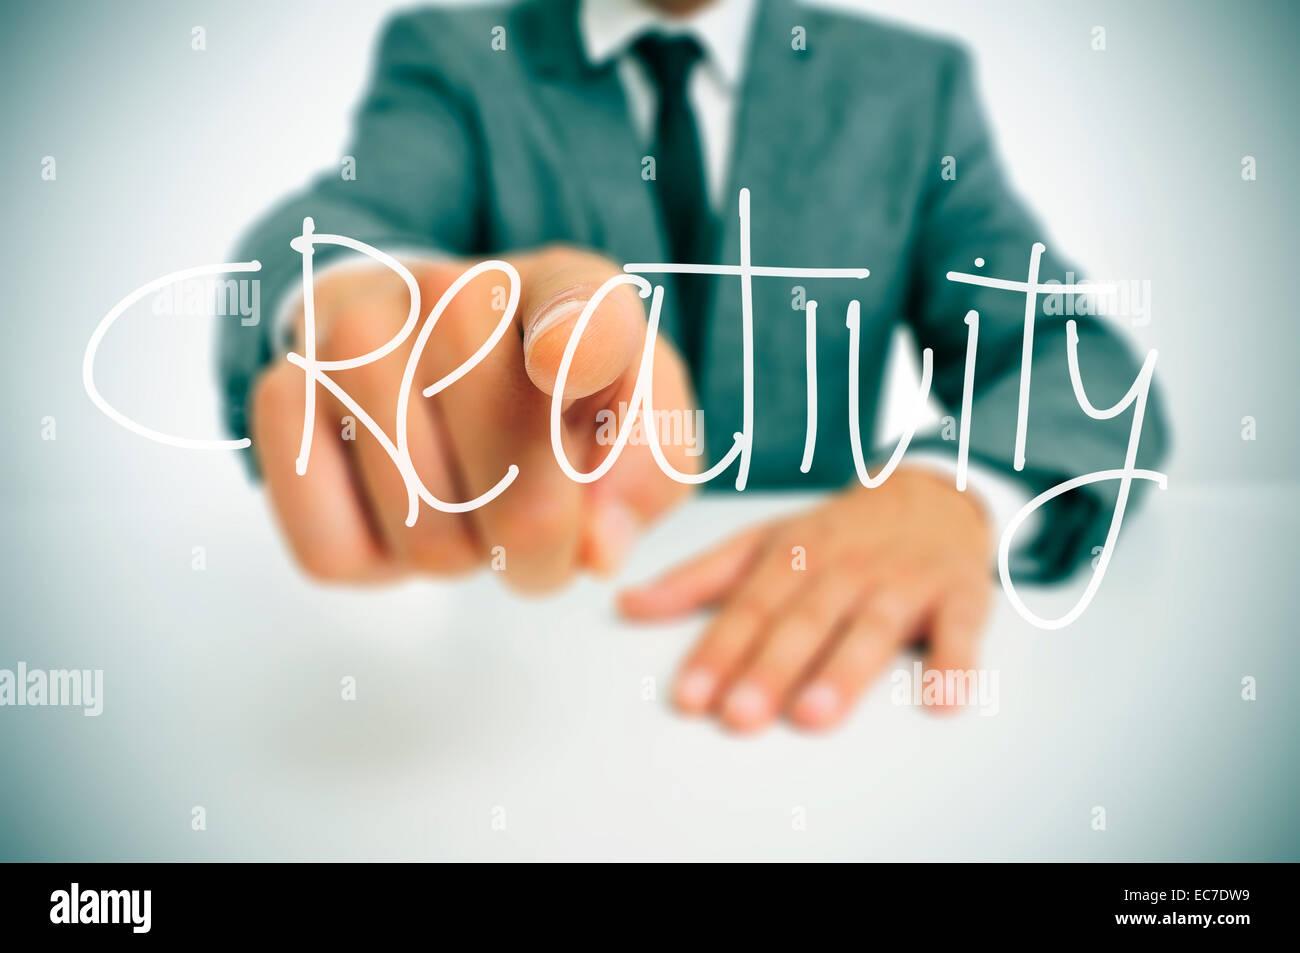 Mann im Anzug sitzt in einem Schreibtisch zeigen mit dem Finger das Wort Kreativität im Vordergrund geschrieben Stockbild